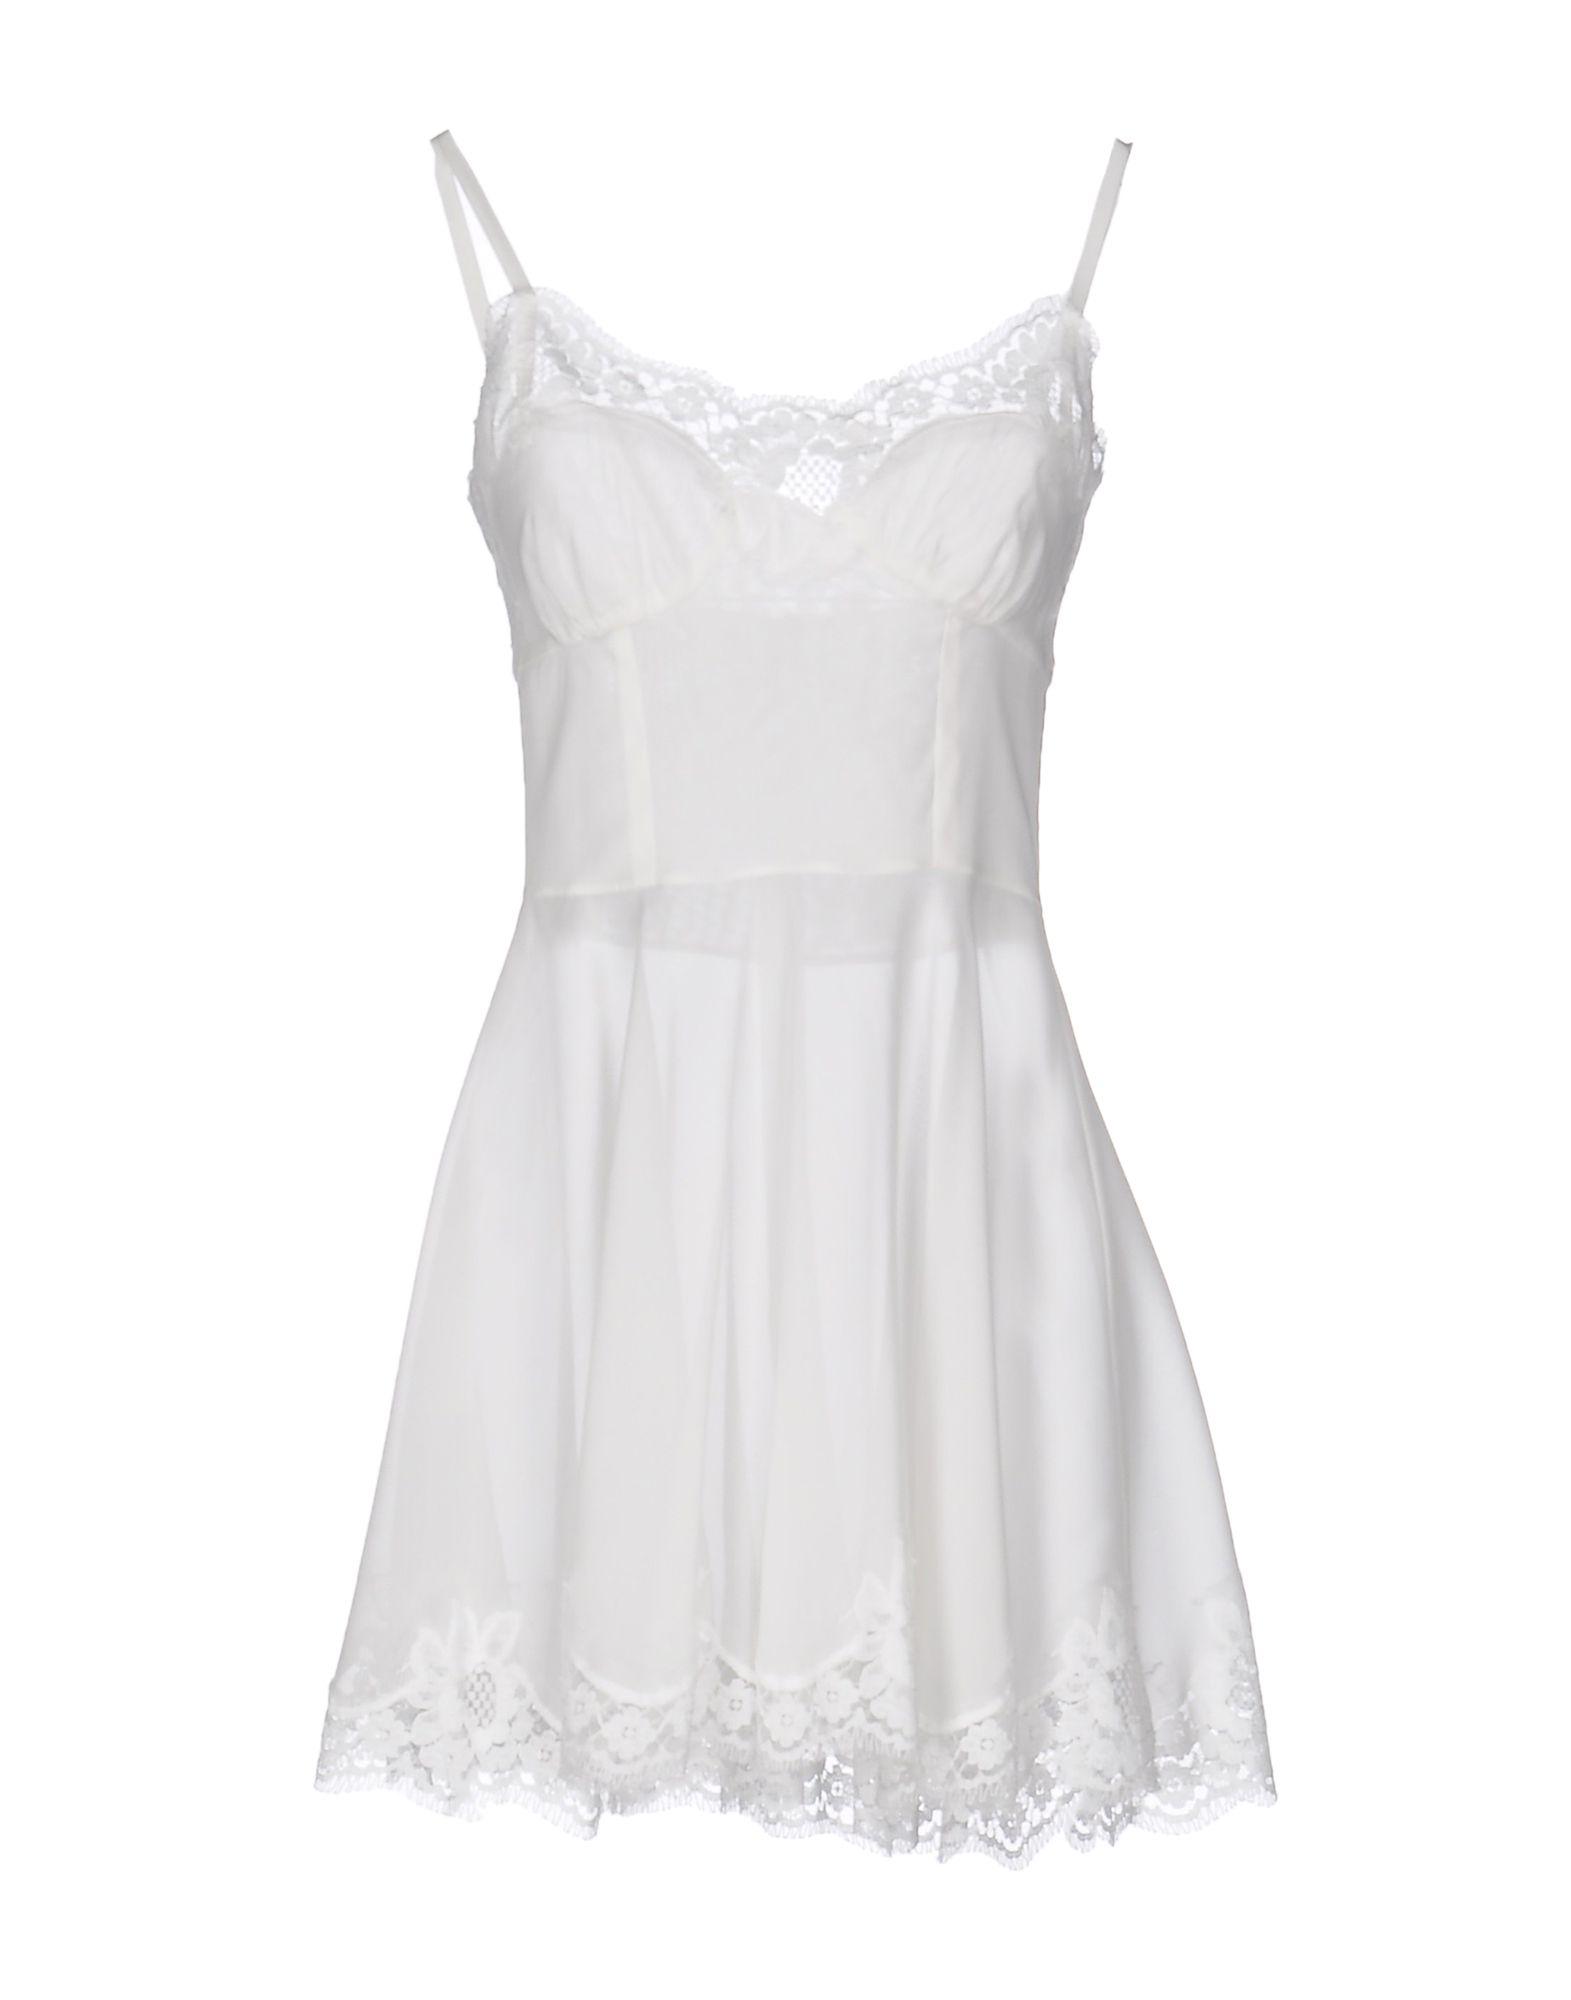 DOLCE & GABBANA Damen Kurzes Kleid Farbe Weiß Größe 2